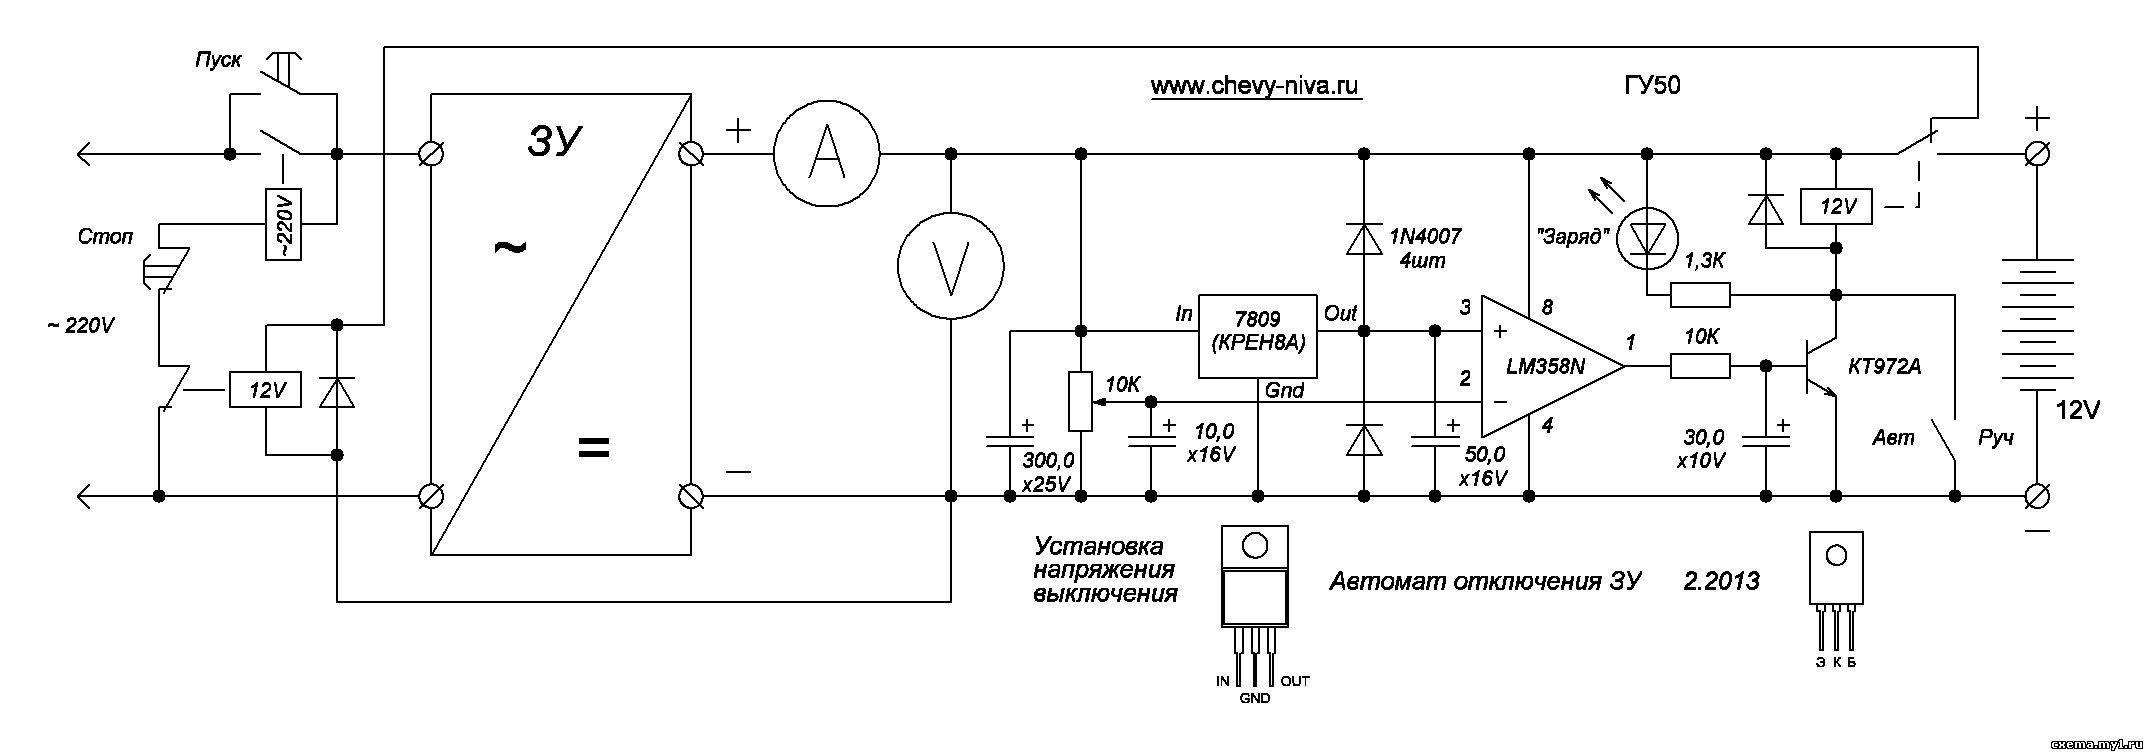 Автоматическое зарядное устройство схема устройства